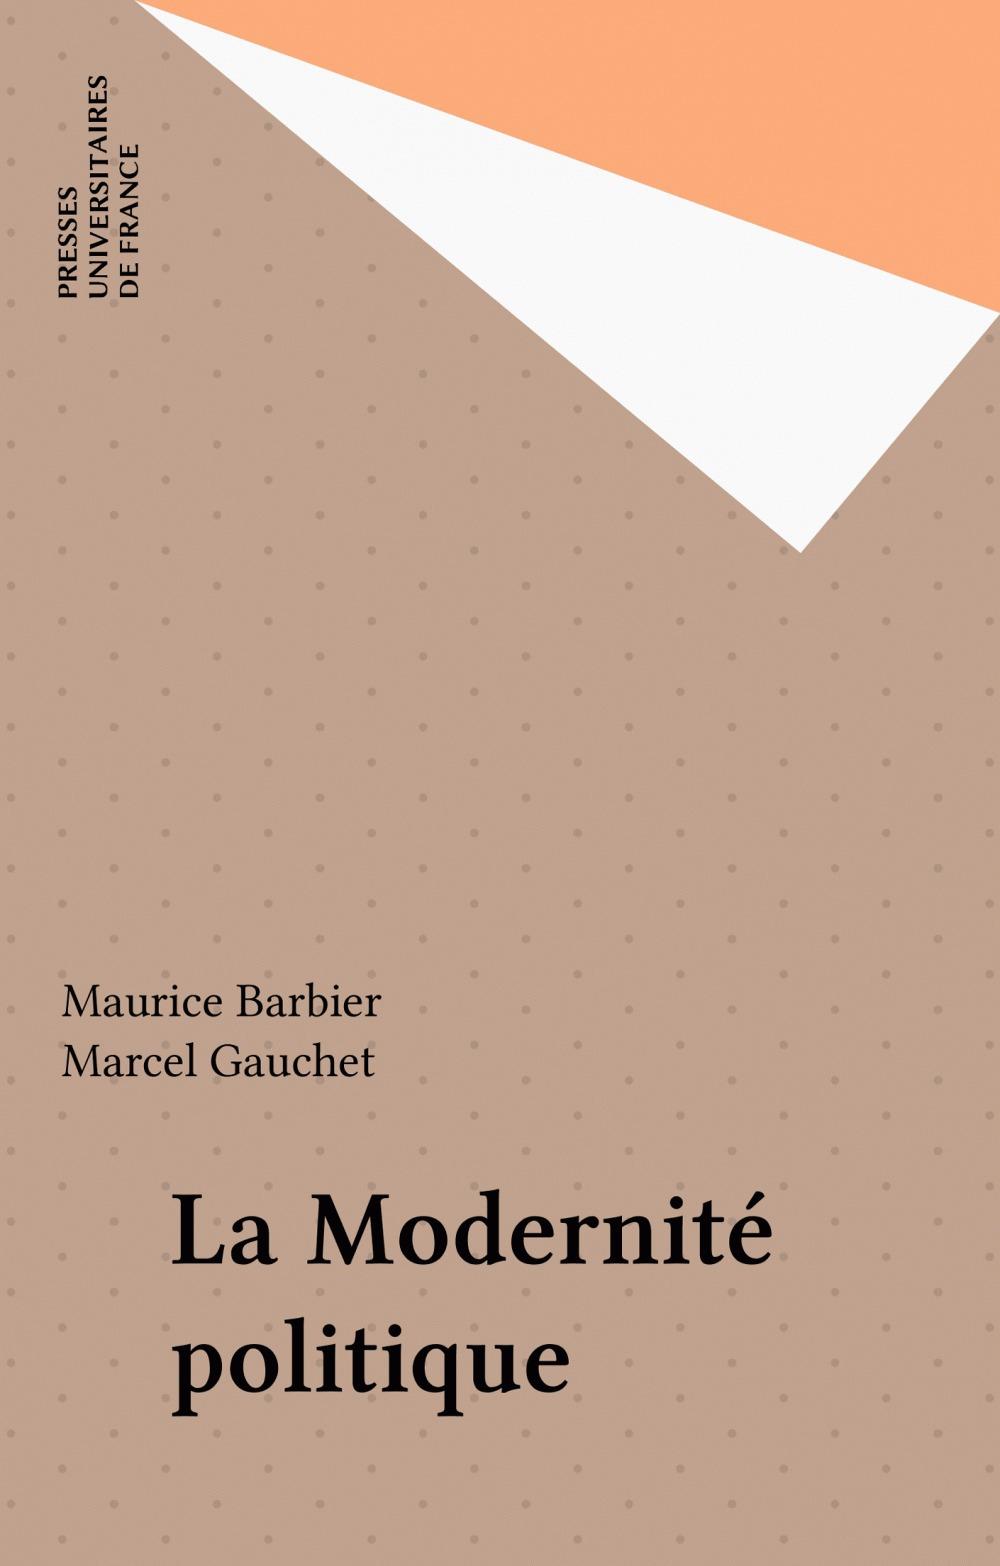 Maurice Barbier La Modernité politique